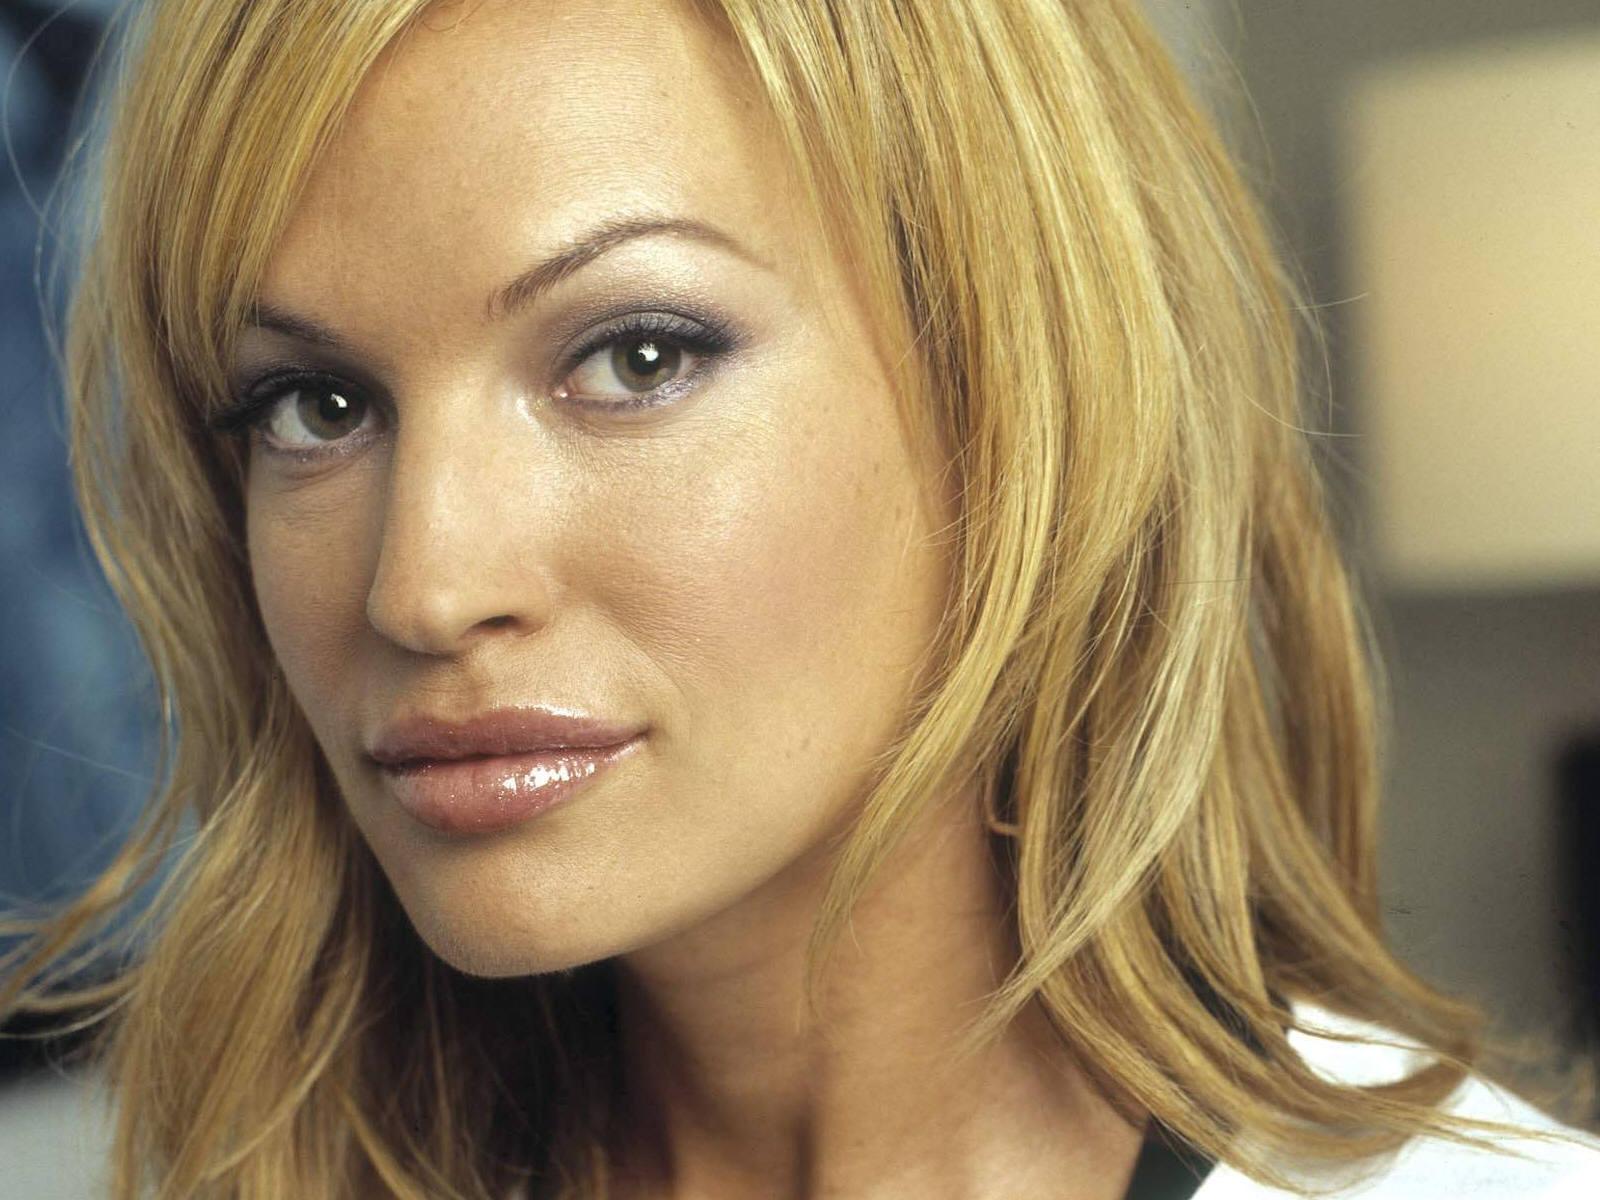 Poze Jolene Blalock - Actor - Poza 36 din 132 - CineMagia.ro